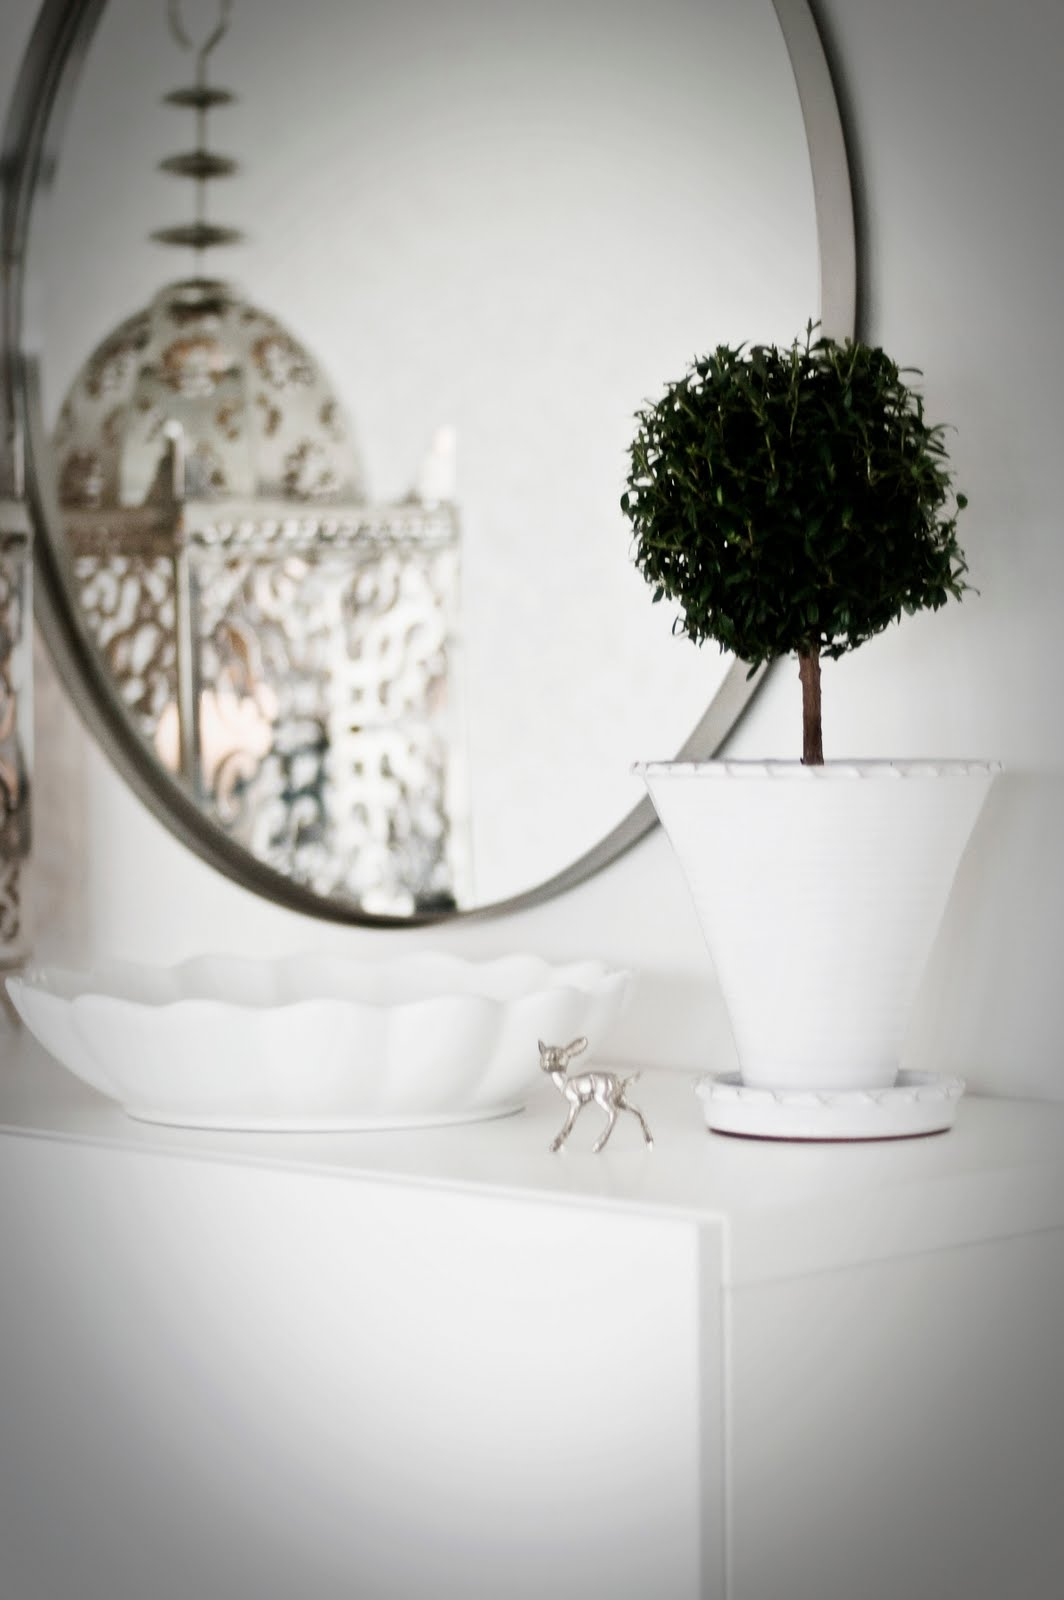 Lampa badrumsspegel ~ xellen.com